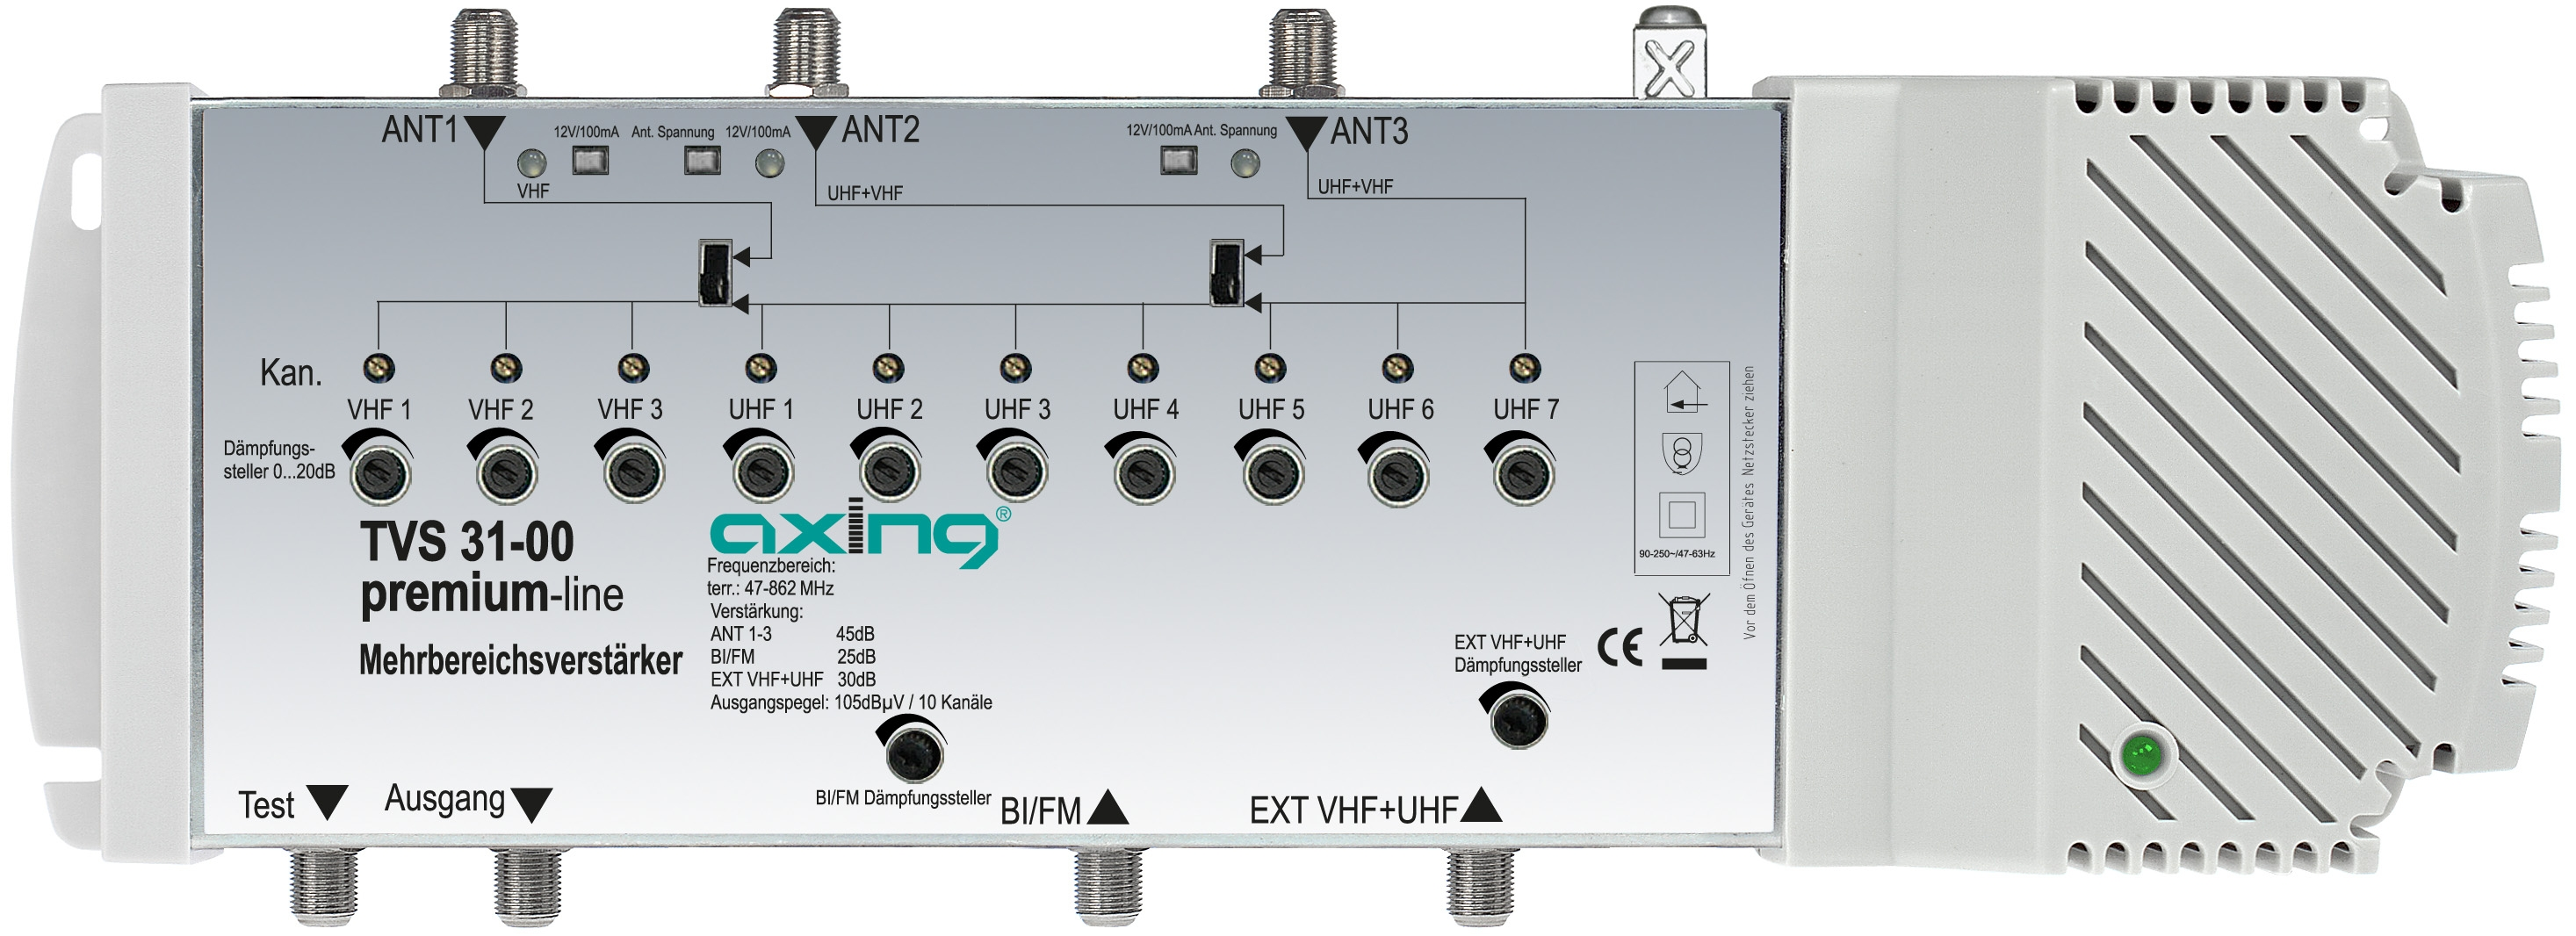 1 Stk DVB-T Verstärker 5 in 1,  Eingänge einstellbar, TVS 31-00 HSZUVT051A